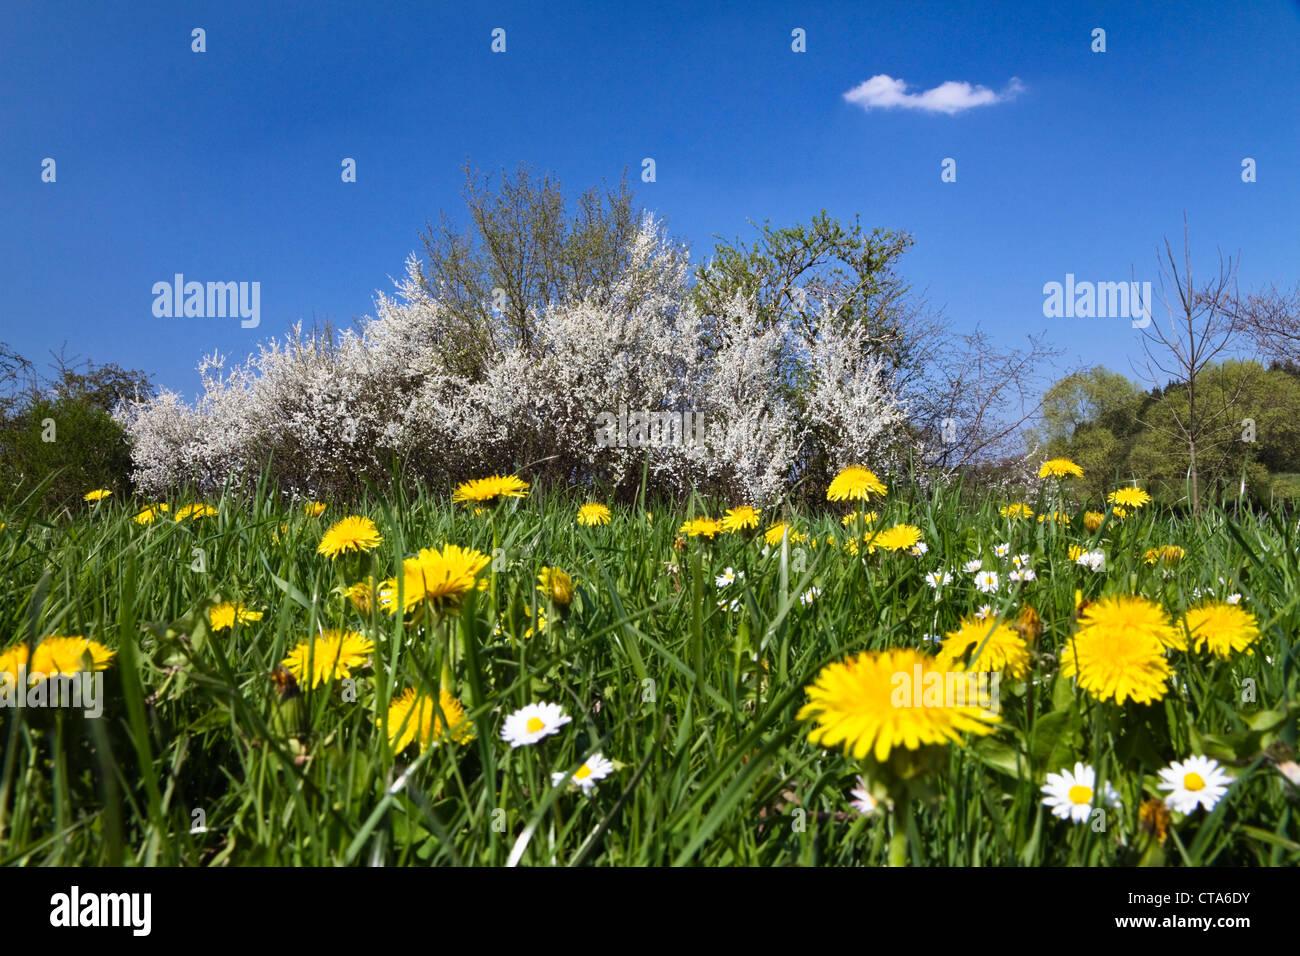 Blackthorn in flower (Prunus spinosa), Bavaria, Germany - Stock Image